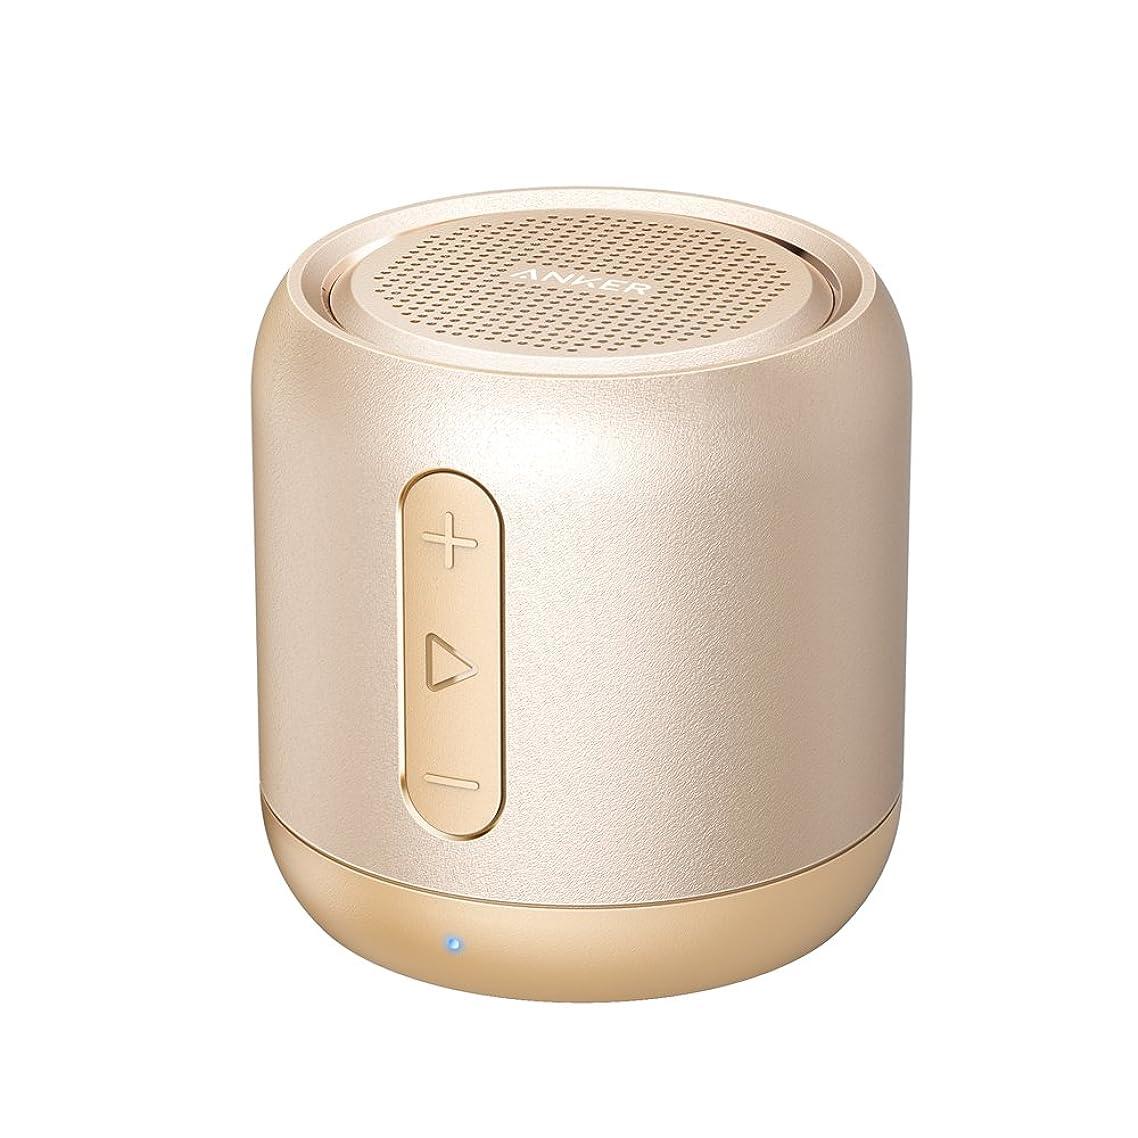 のれん放散する従順なAnker SoundCore mini (コンパクト Bluetoothスピーカー) 【15時間連続再生 / 内蔵マイク搭載/micro SDカード & FMラジオ対応】(ゴールド)